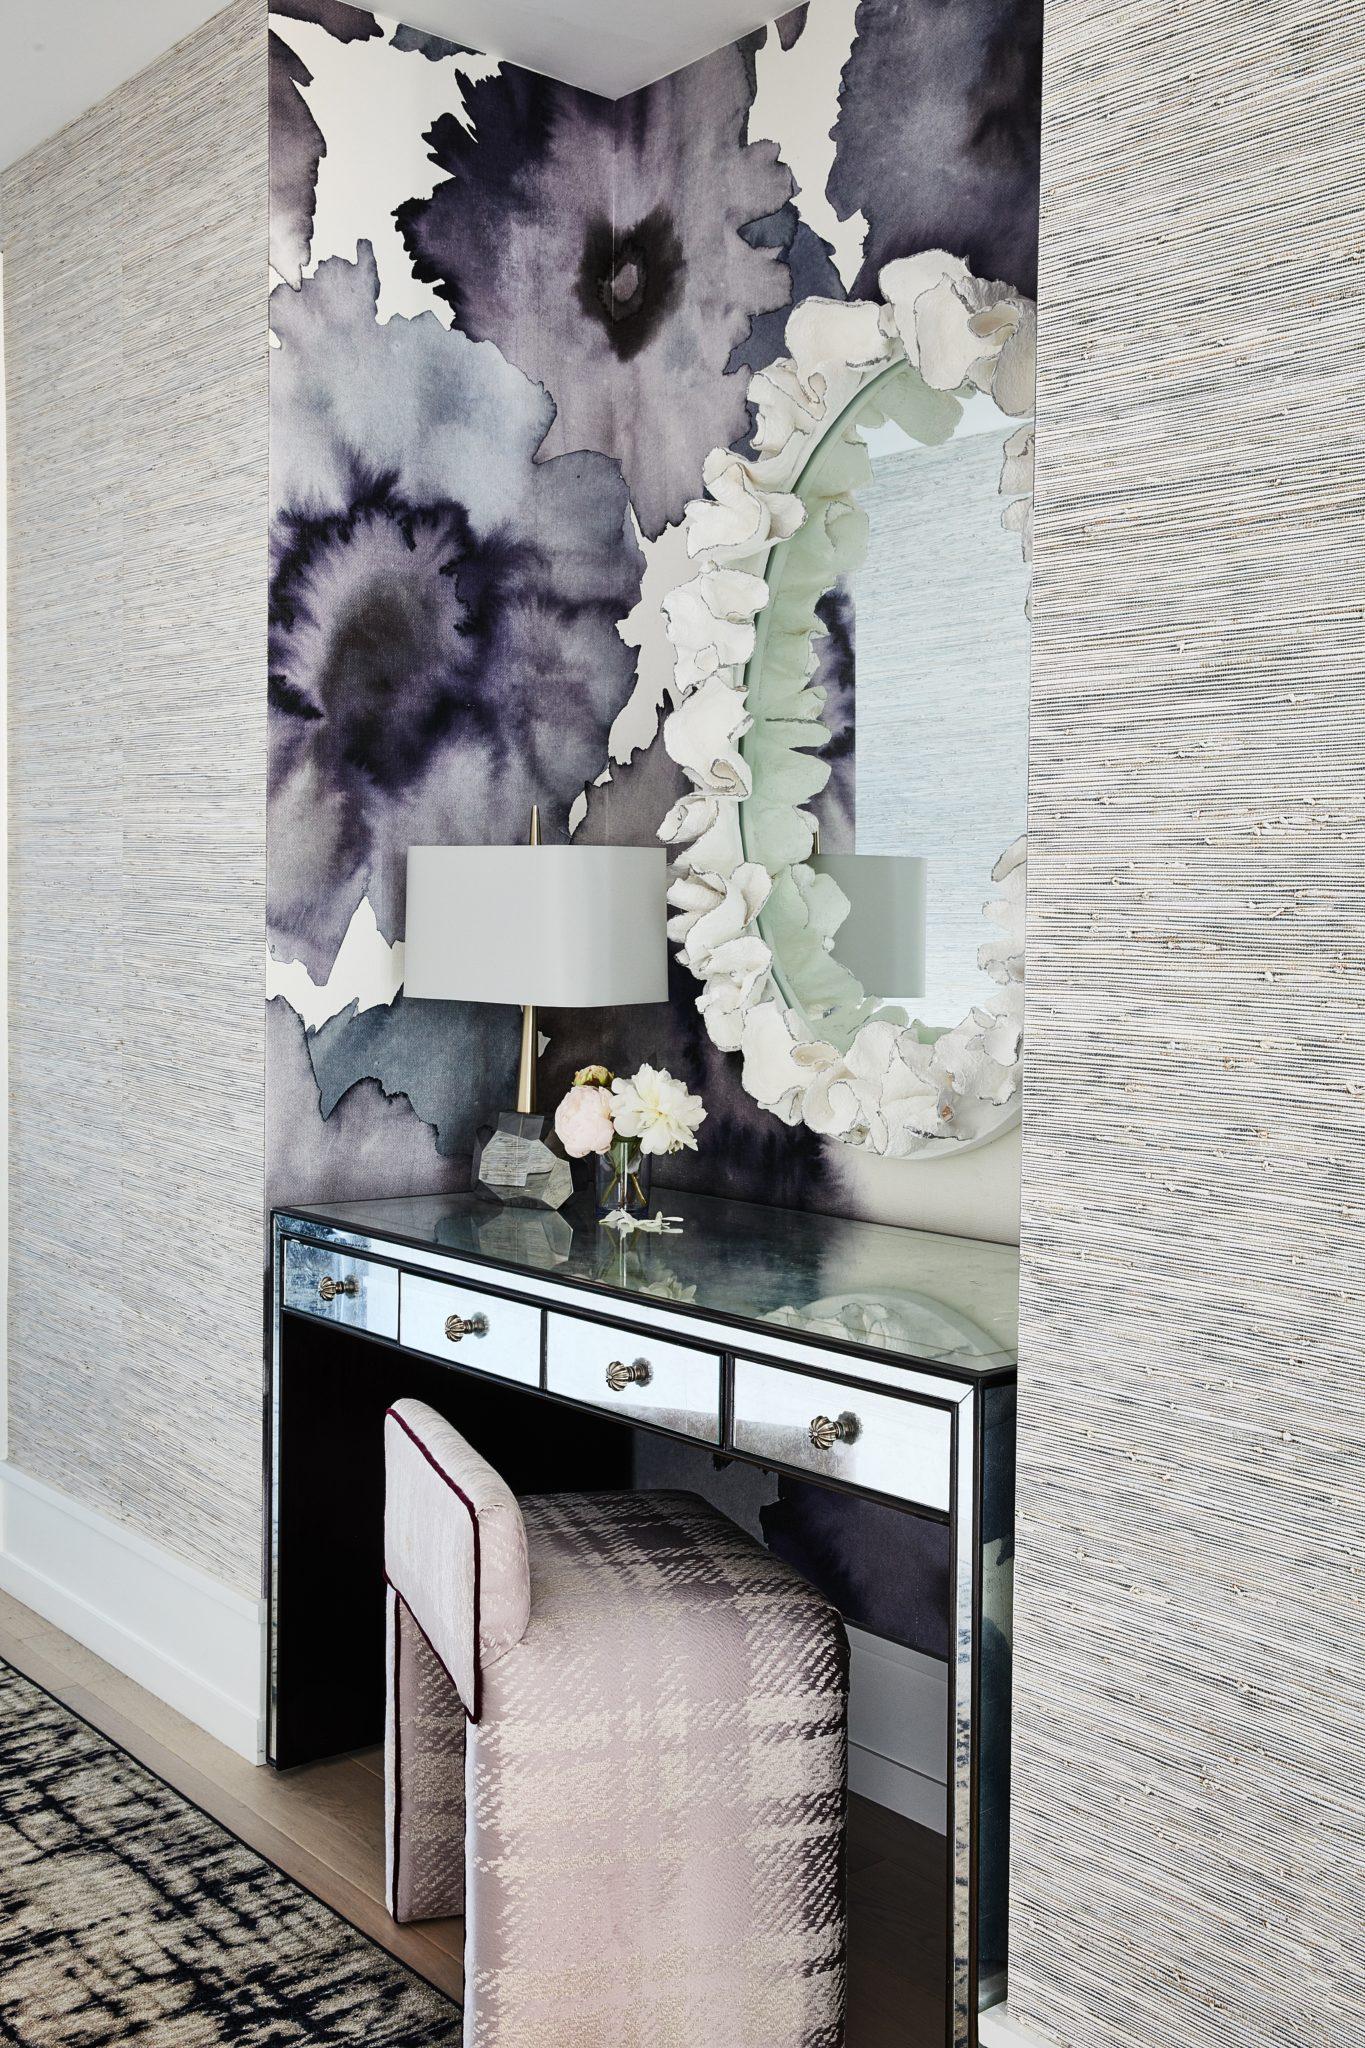 Master bedroom vanity by Jeff Schlarb Design Studio